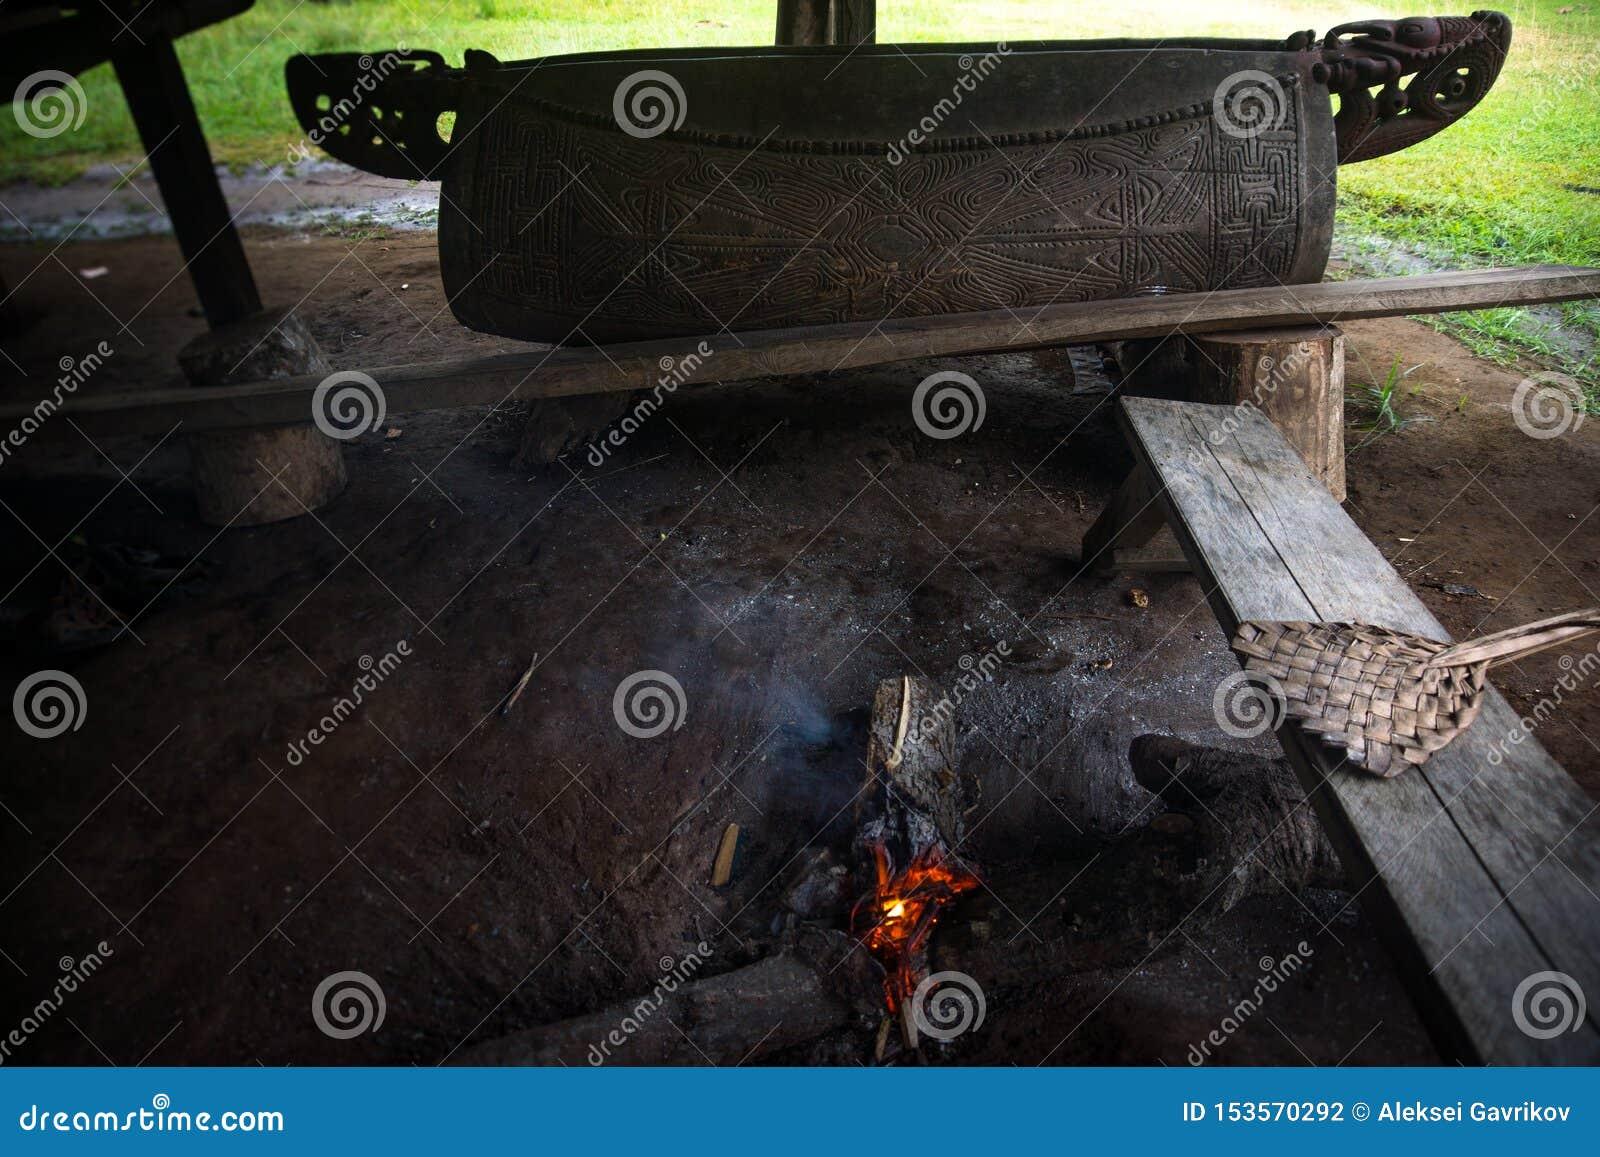 Le feu et en bois sujet à l appel un autre village en cas d urgence